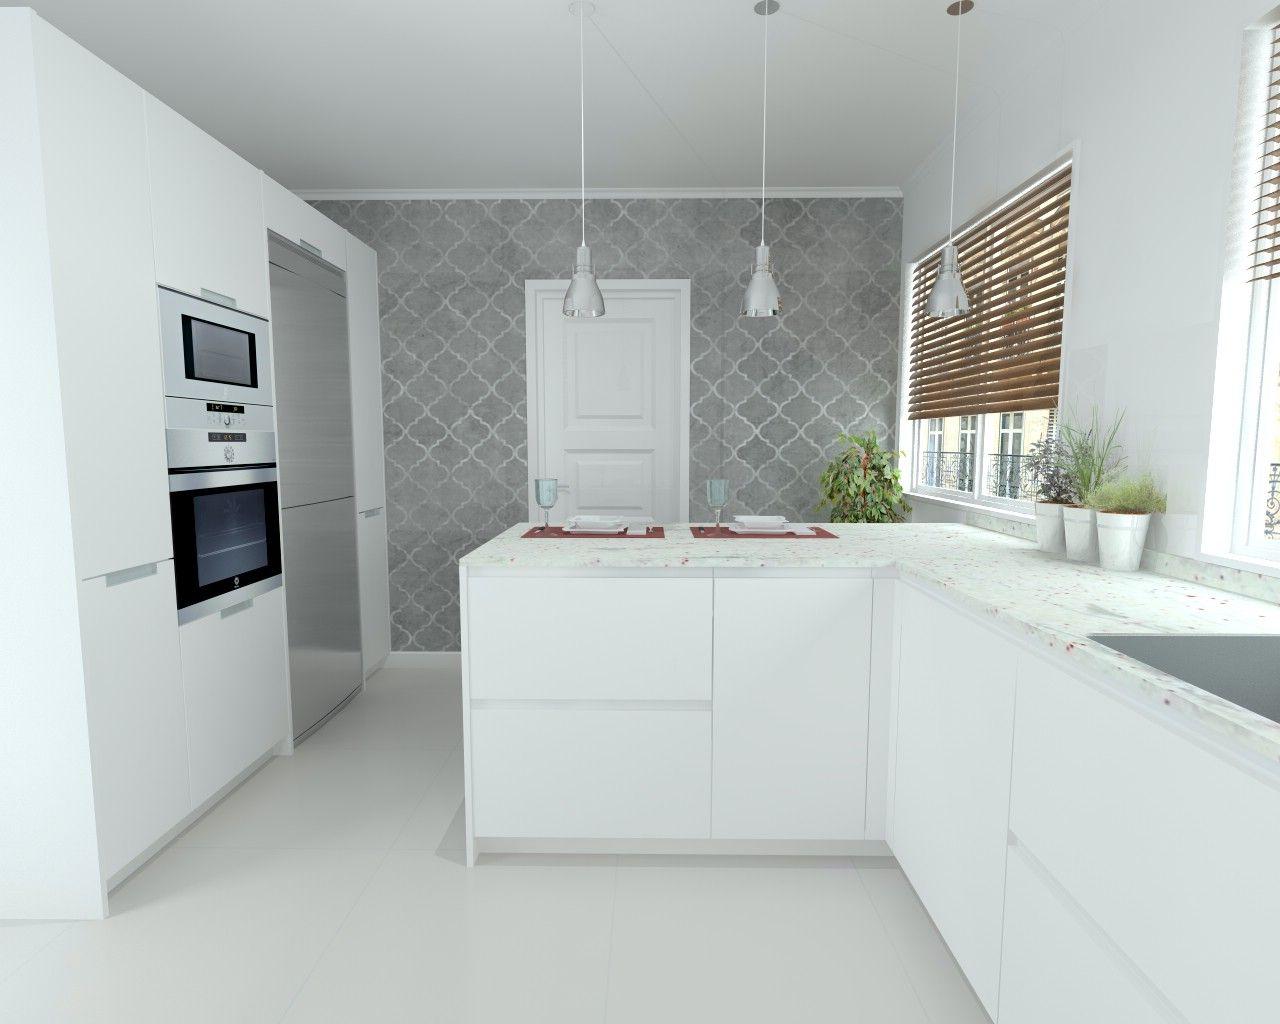 Cocina santos line estratificado blanco encimera granito - Encimera granito blanco ...